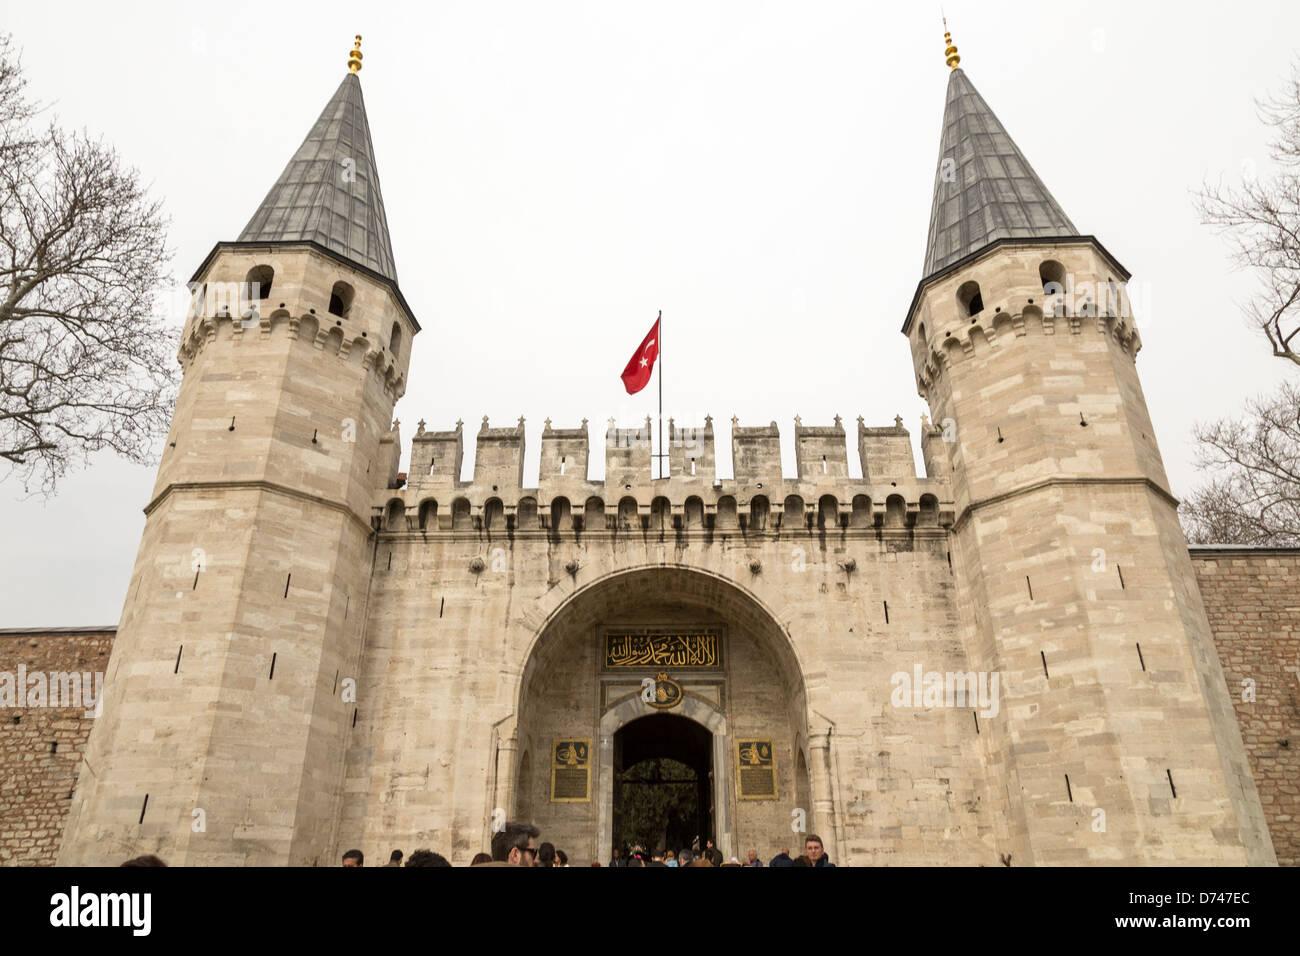 La puerta de la salutación, entrada al segundo patio del Palacio Topkapı, Estambul, Turquía. Imagen De Stock